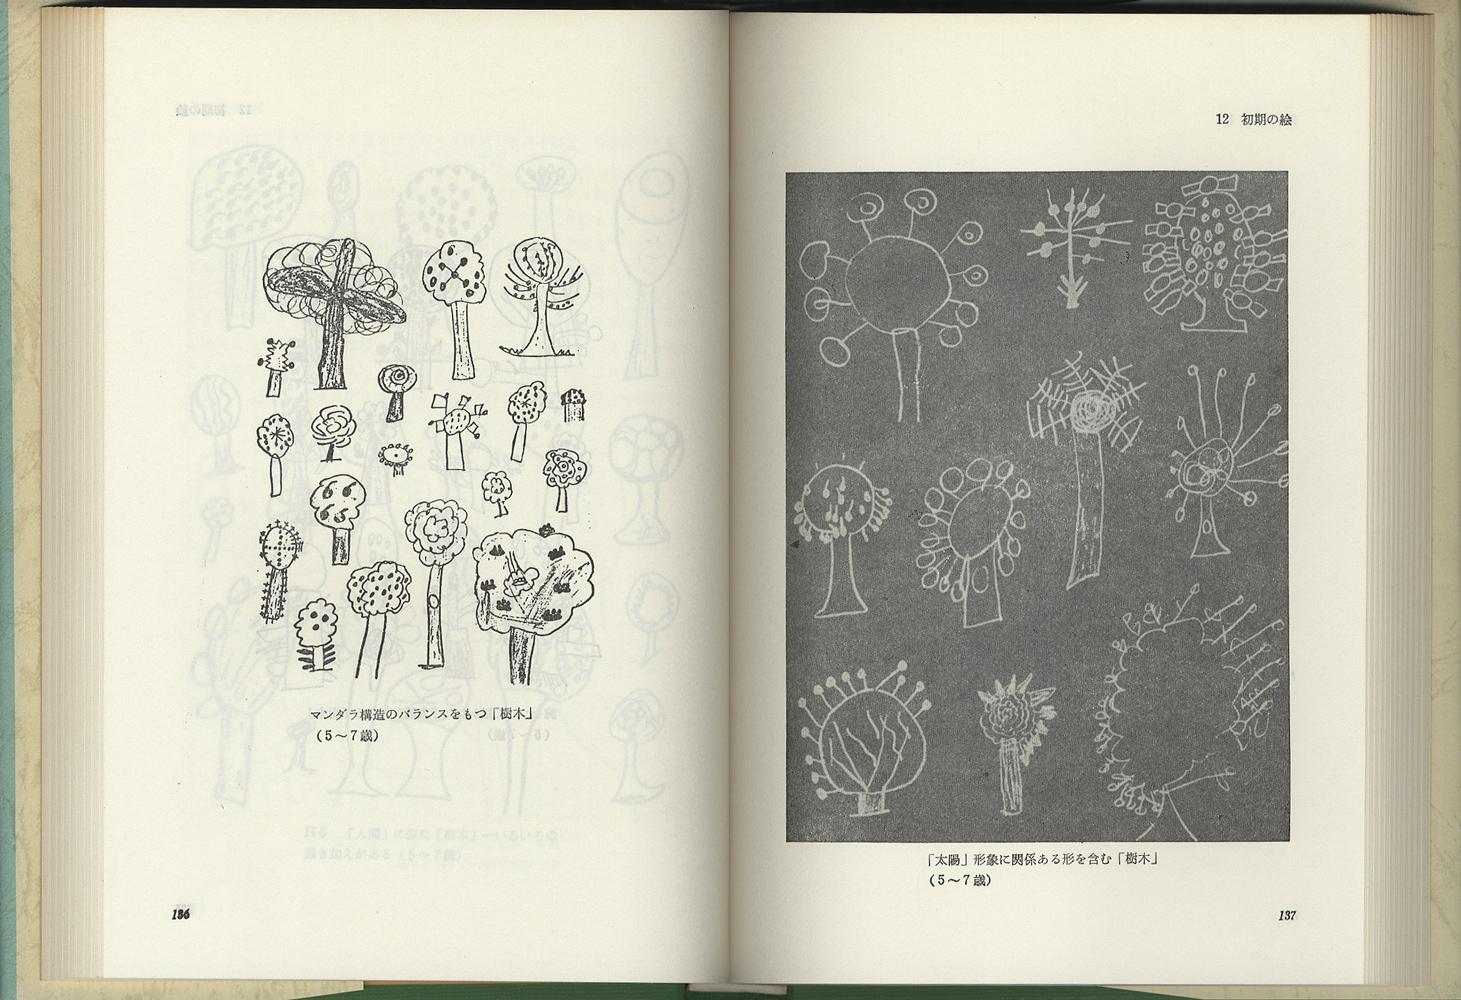 児童画の発達過程 なぐり書きからピクチュアへ[image5]